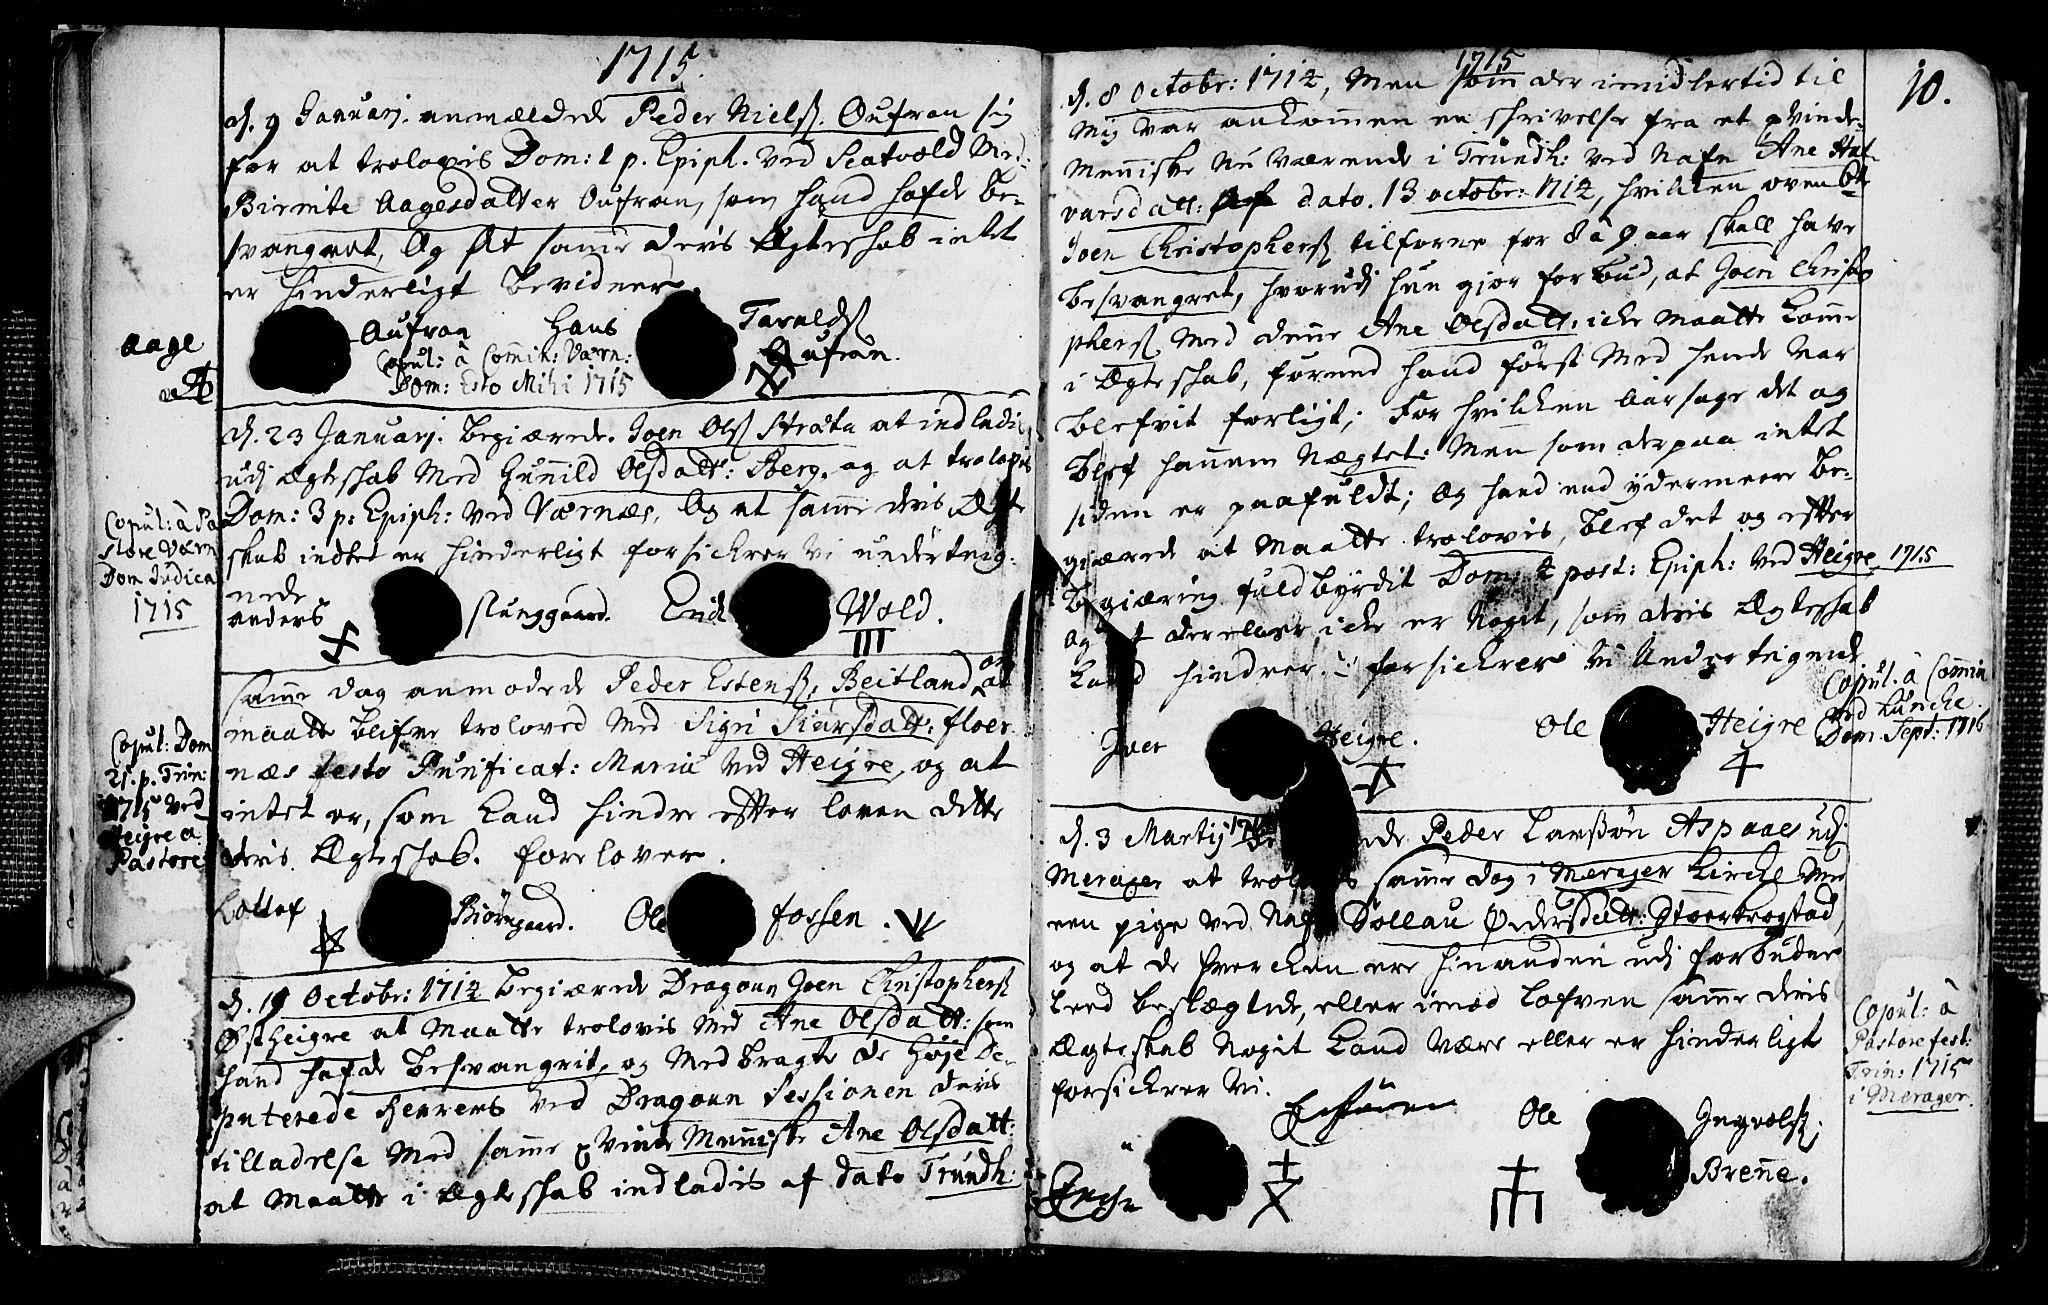 SAT, Ministerialprotokoller, klokkerbøker og fødselsregistre - Nord-Trøndelag, 709/L0053: Ministerialbok nr. 709A01, 1714-1729, s. 10